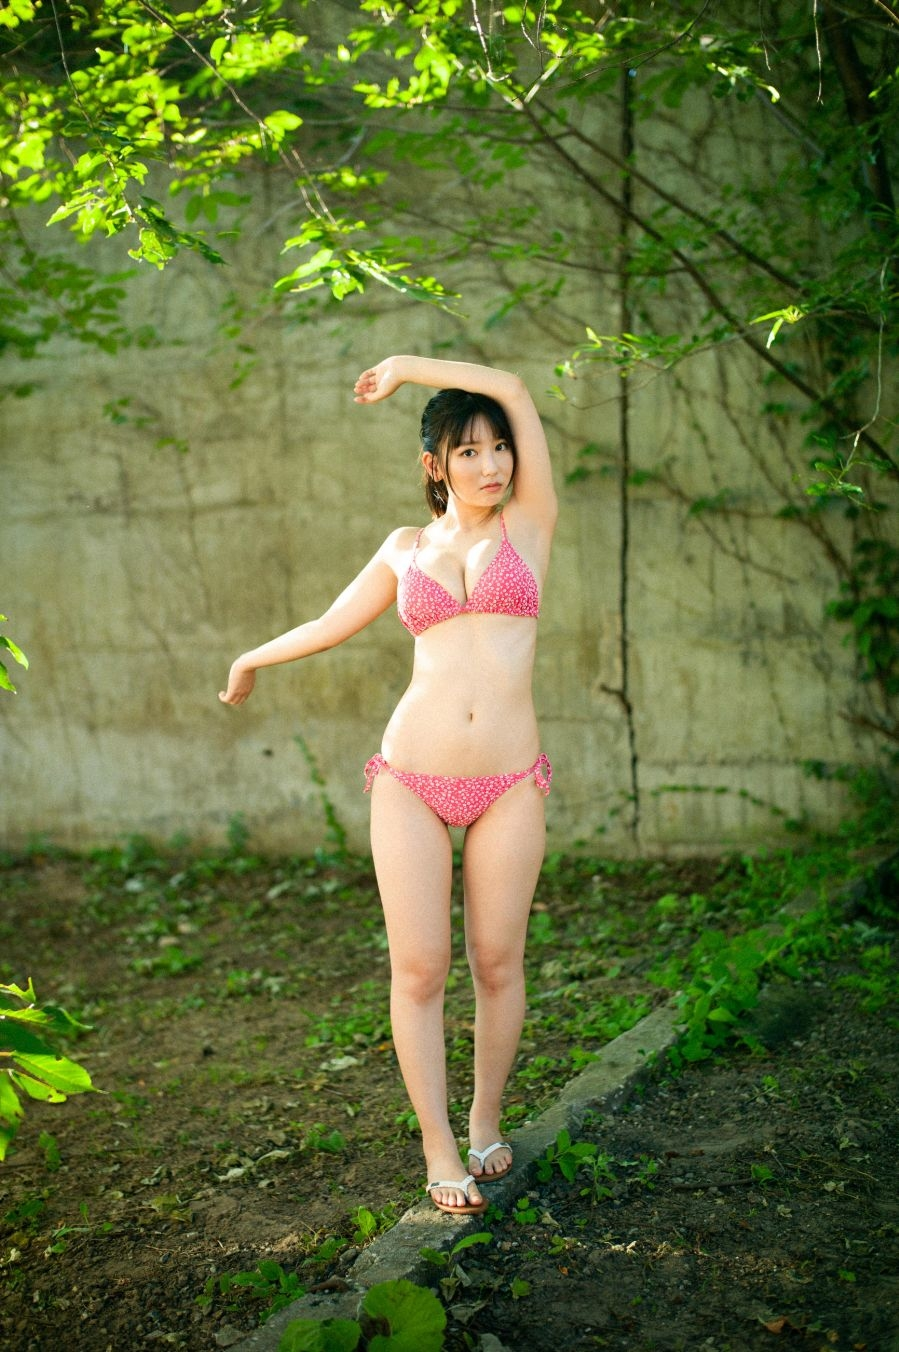 写真は桃色の水着を着た沢口さんの全身ショット(提供:KODOKAWA)